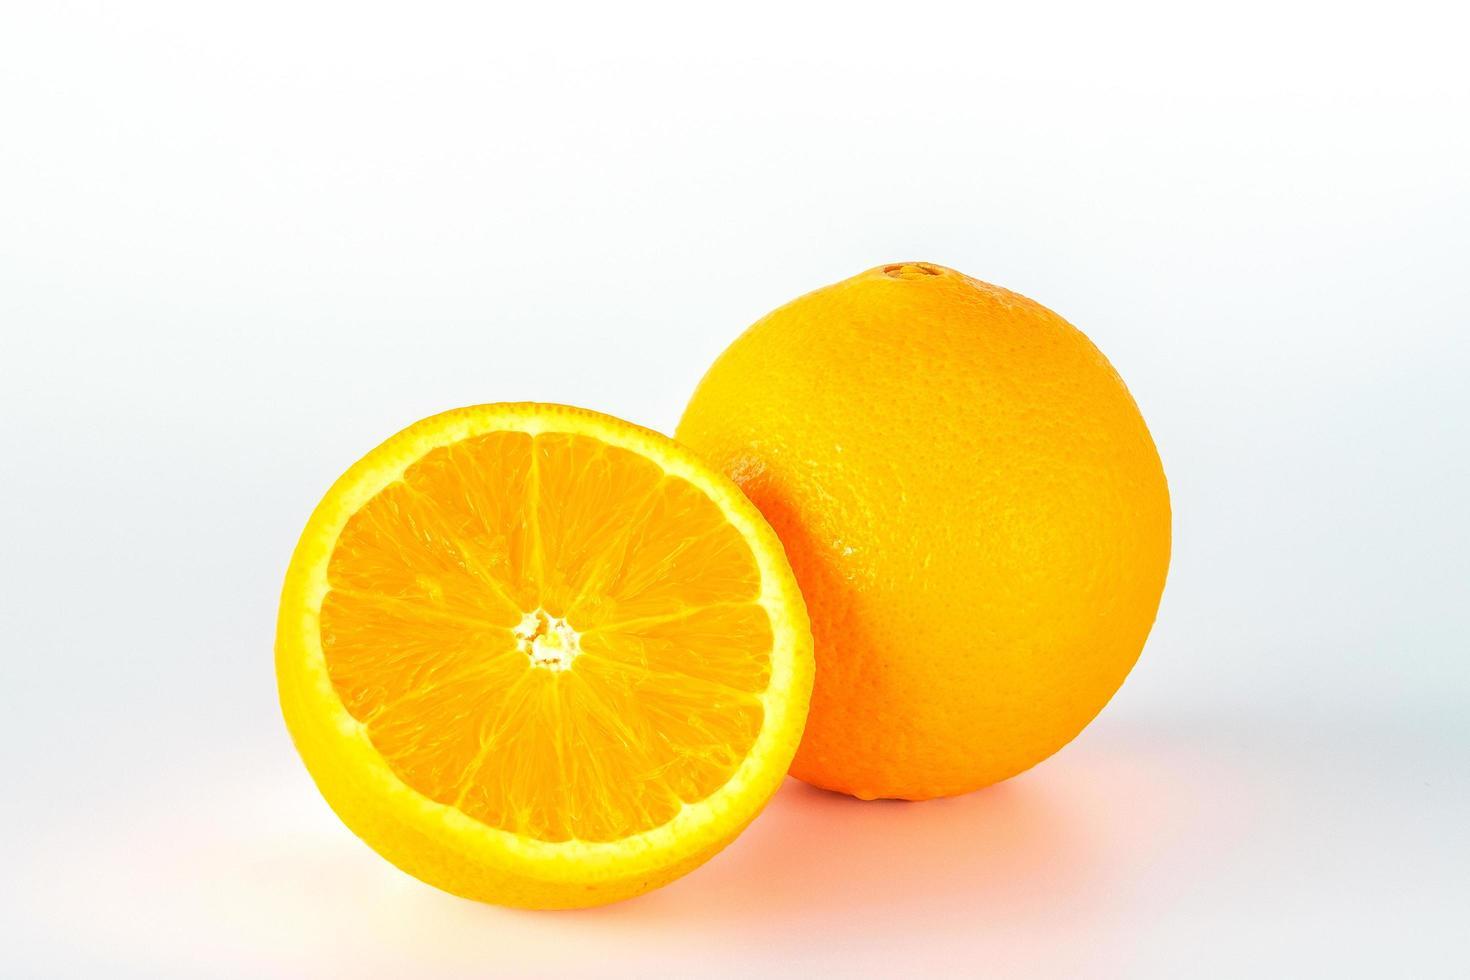 Orangenfruchtscheibe isoliert auf weißem Hintergrund. foto